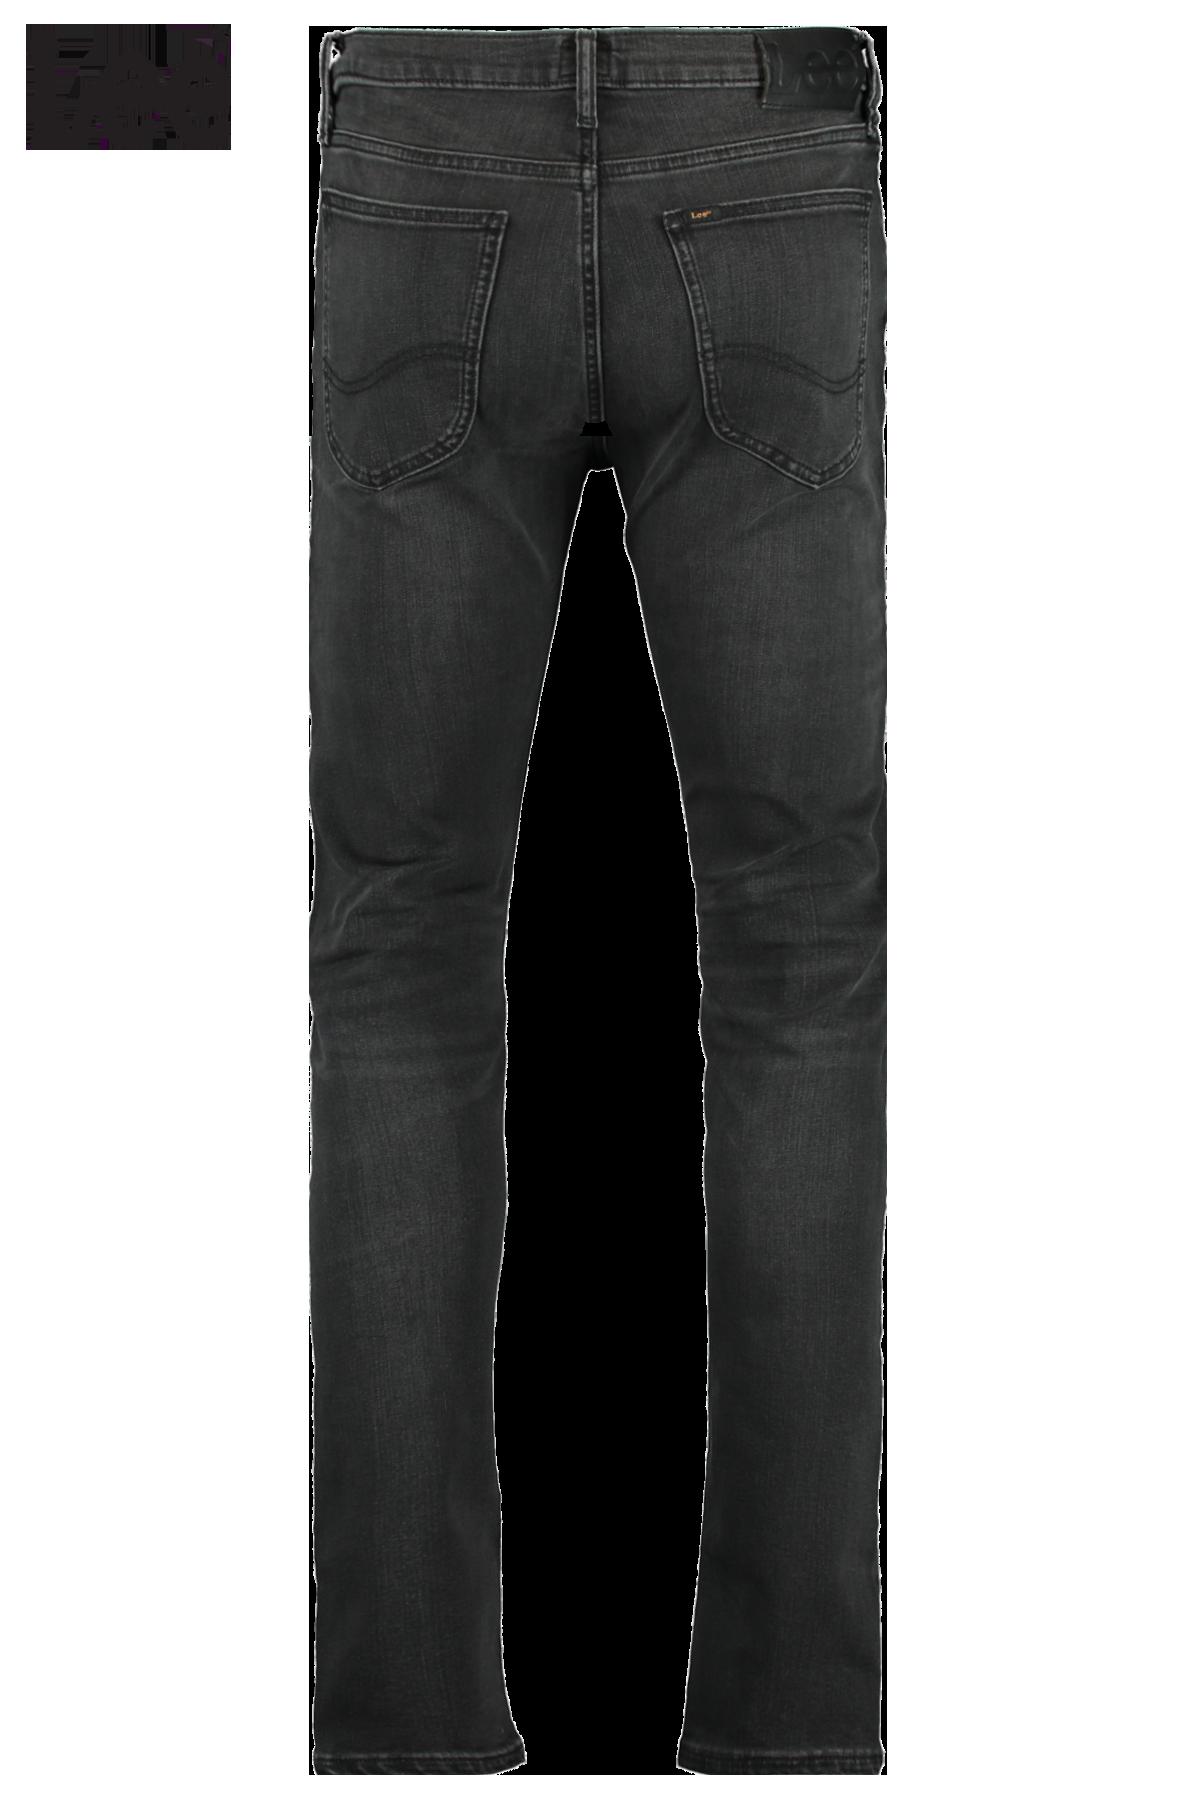 Jeans Luke moto Grey